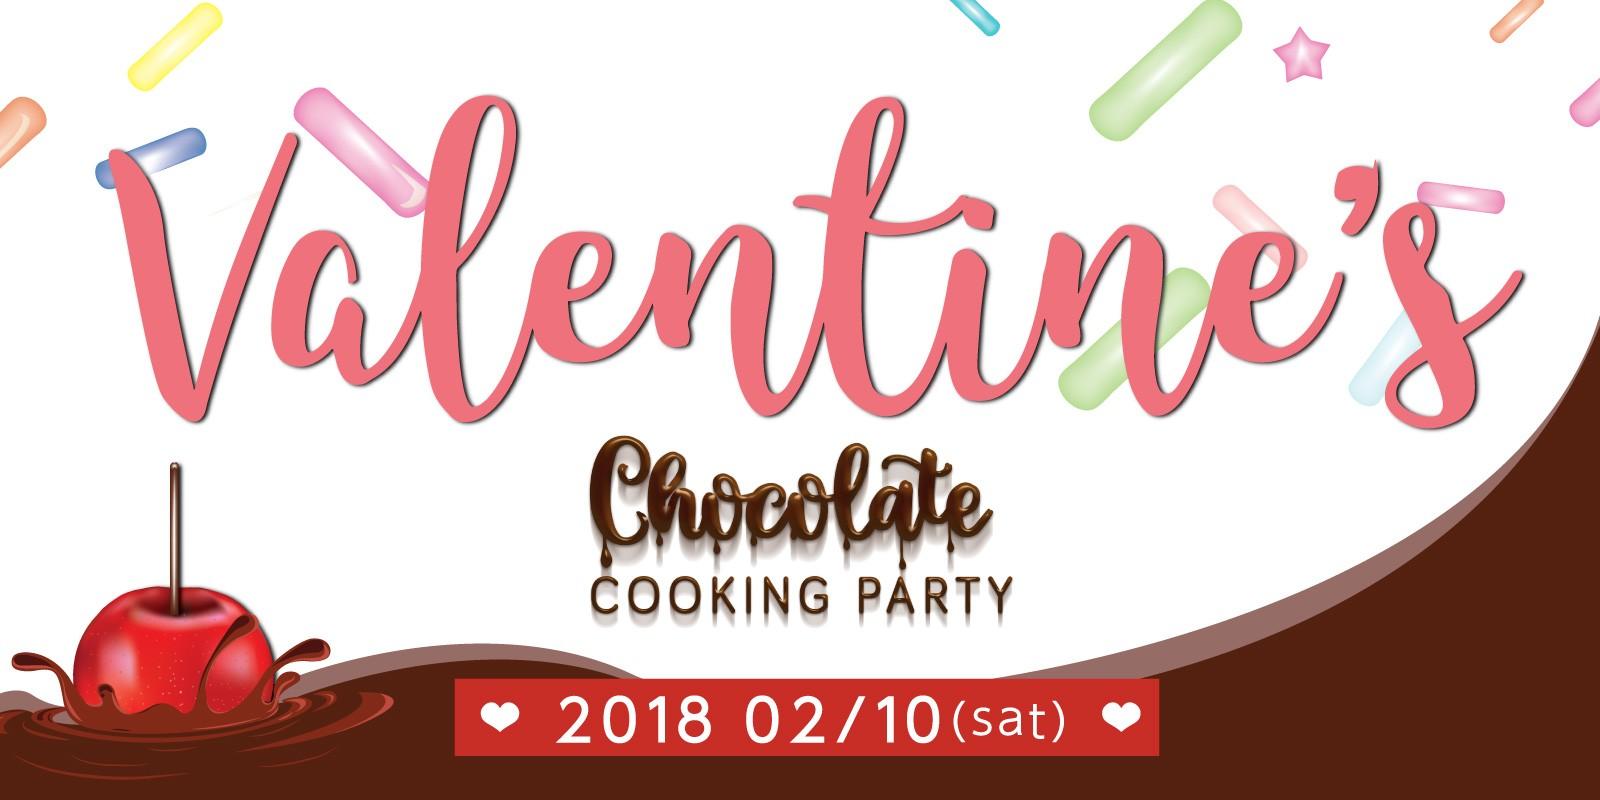 イメージ:バレンタインクッキングパーティーを開催します!